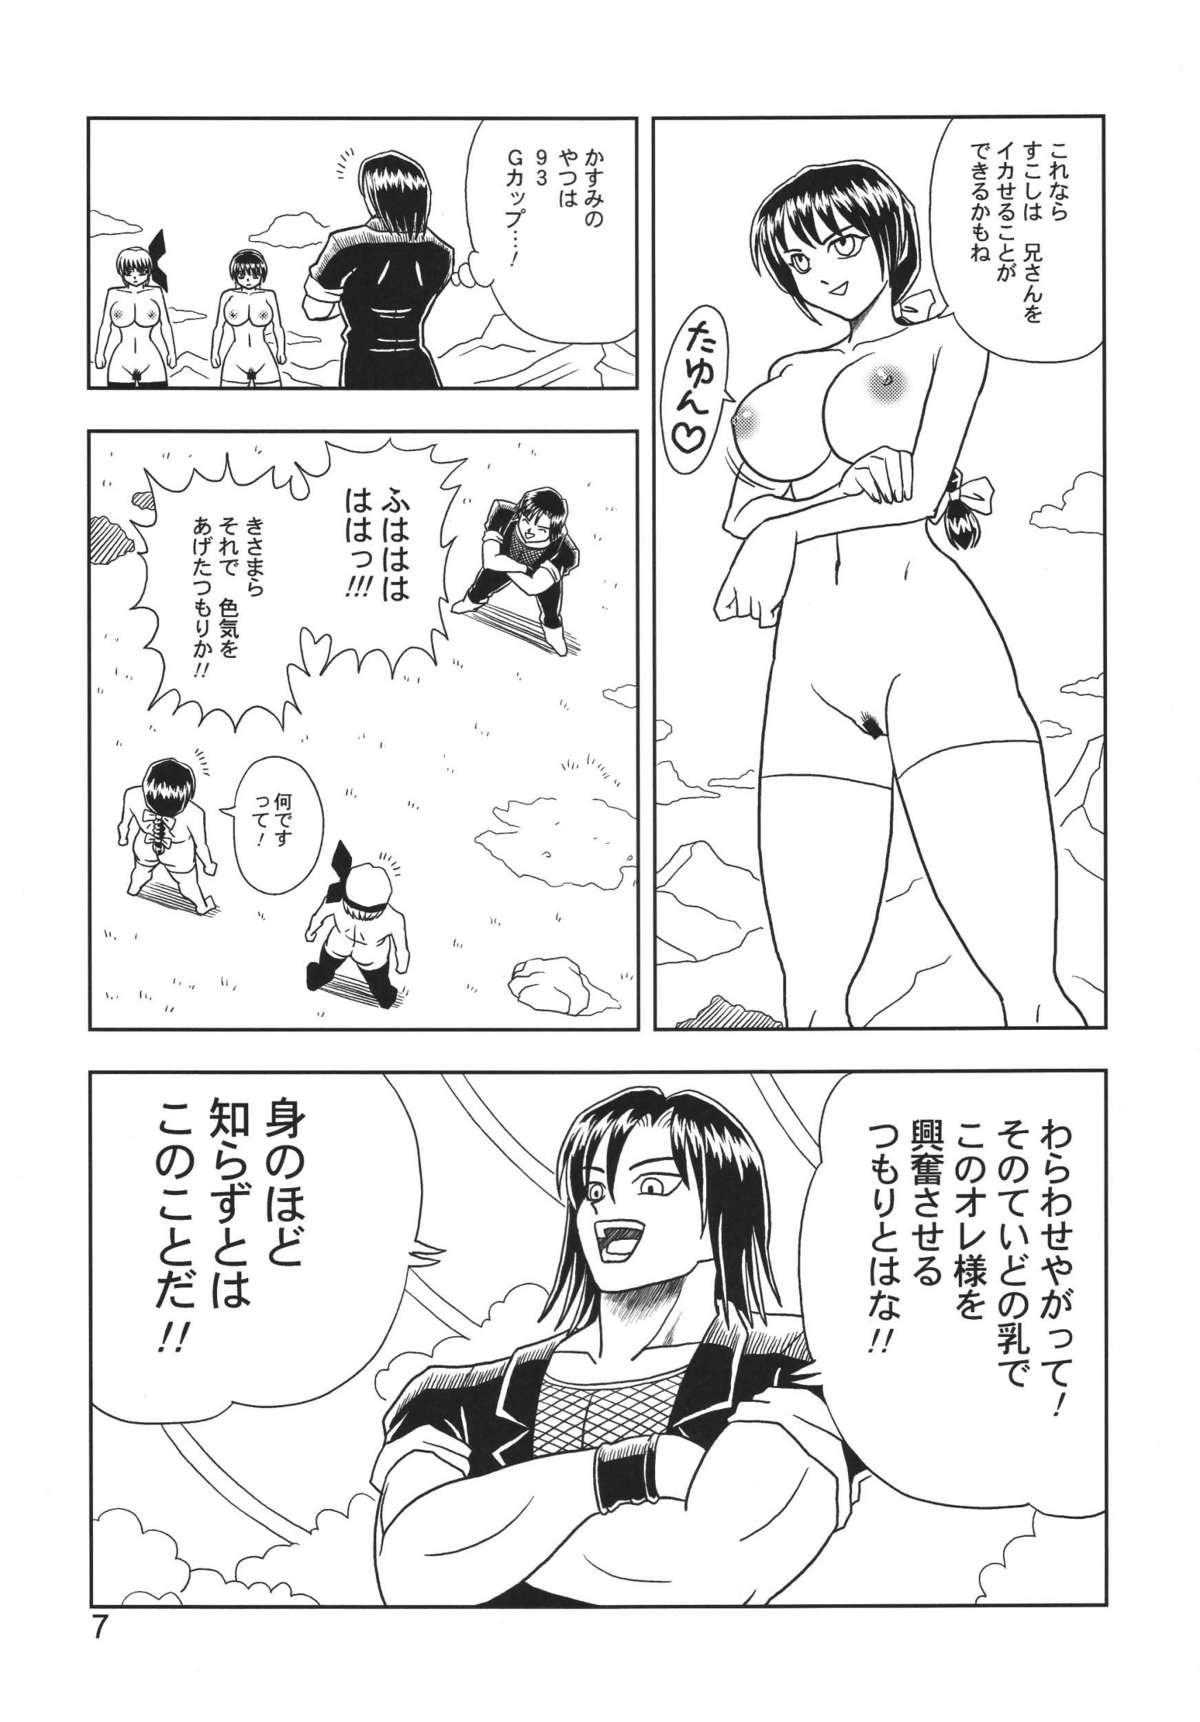 Kasumi or Ayane 6